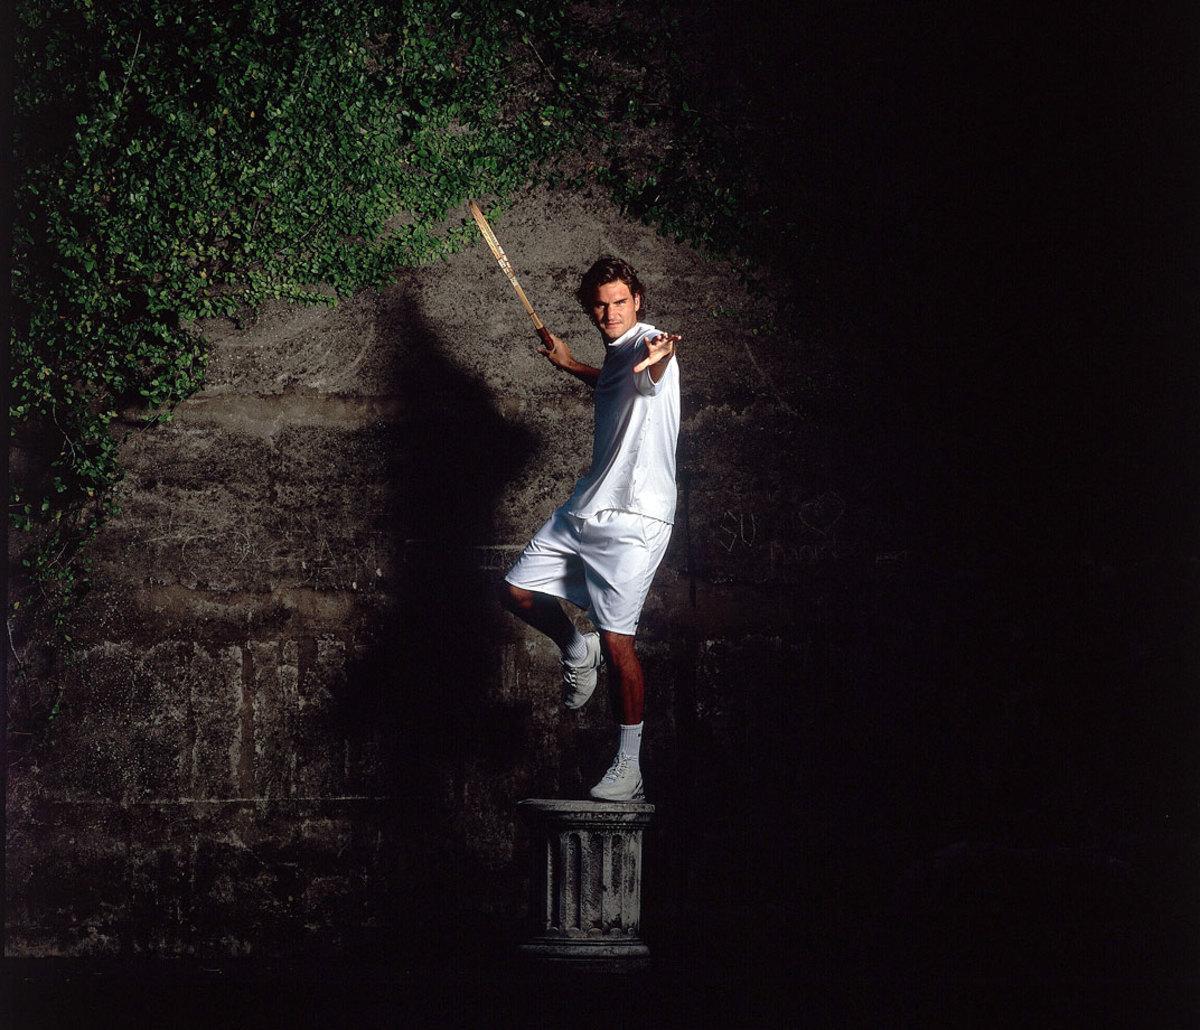 15-Roger-Federer-017027491.jpg